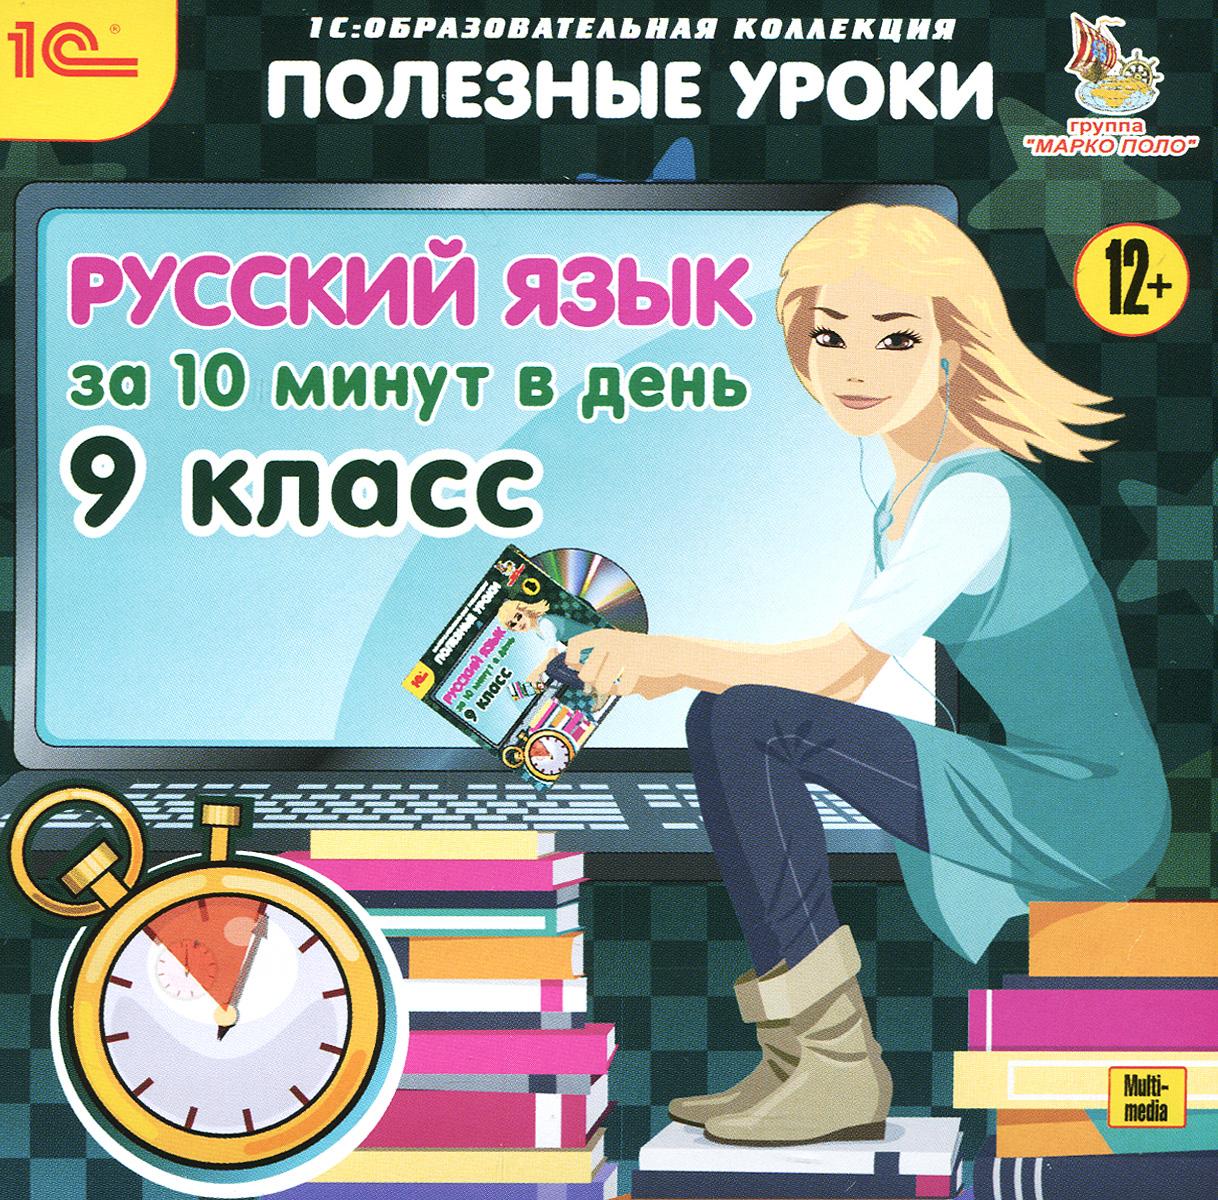 1С: Образовательная коллекция. Полезные уроки. Русский язык за 10 минут в день. 9 класс